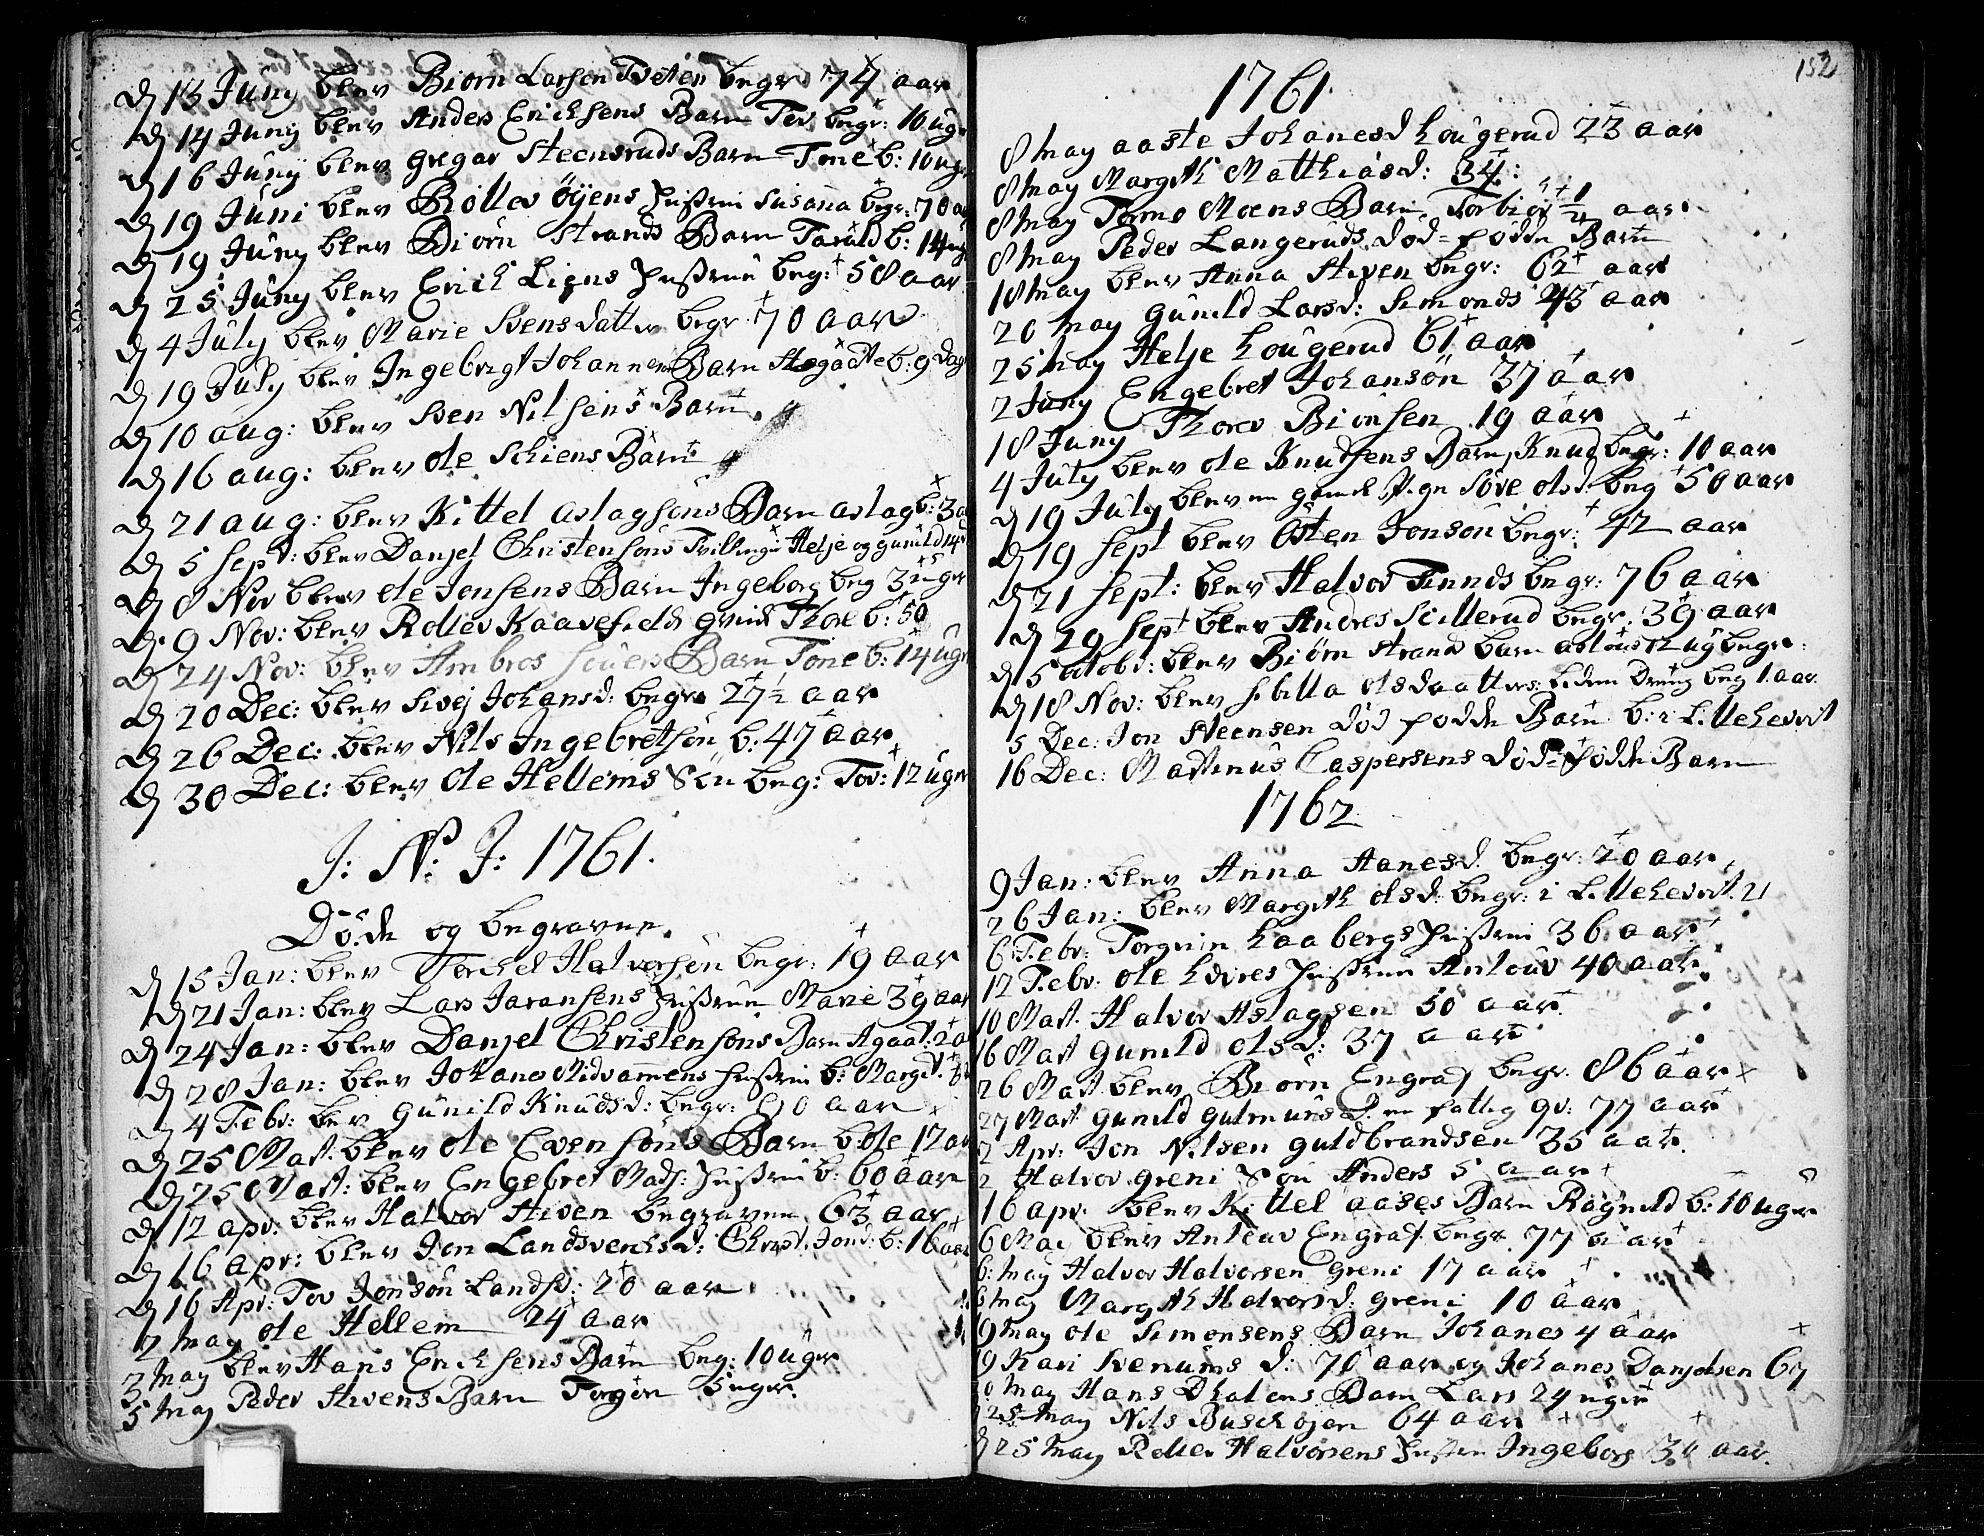 SAKO, Heddal kirkebøker, F/Fa/L0003: Ministerialbok nr. I 3, 1723-1783, s. 152